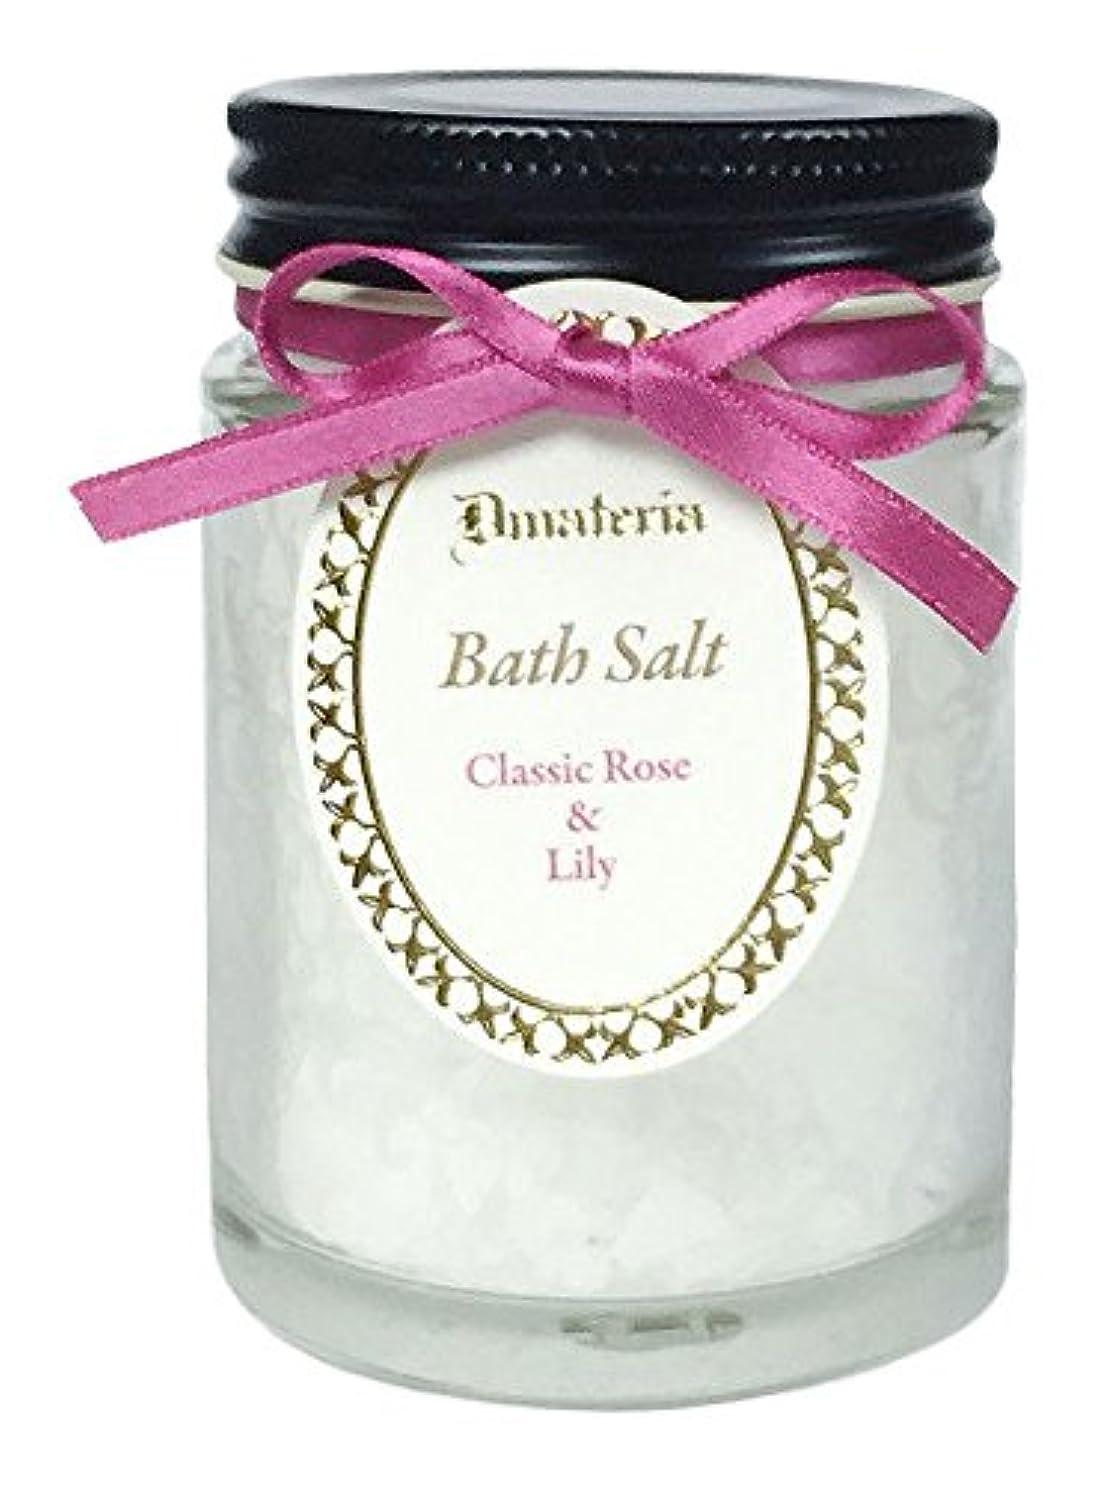 聖歌硫黄メロンD materia バスソルト クラシックローズ&リリー Classic Rose&Lily Bath Salt ディーマテリア